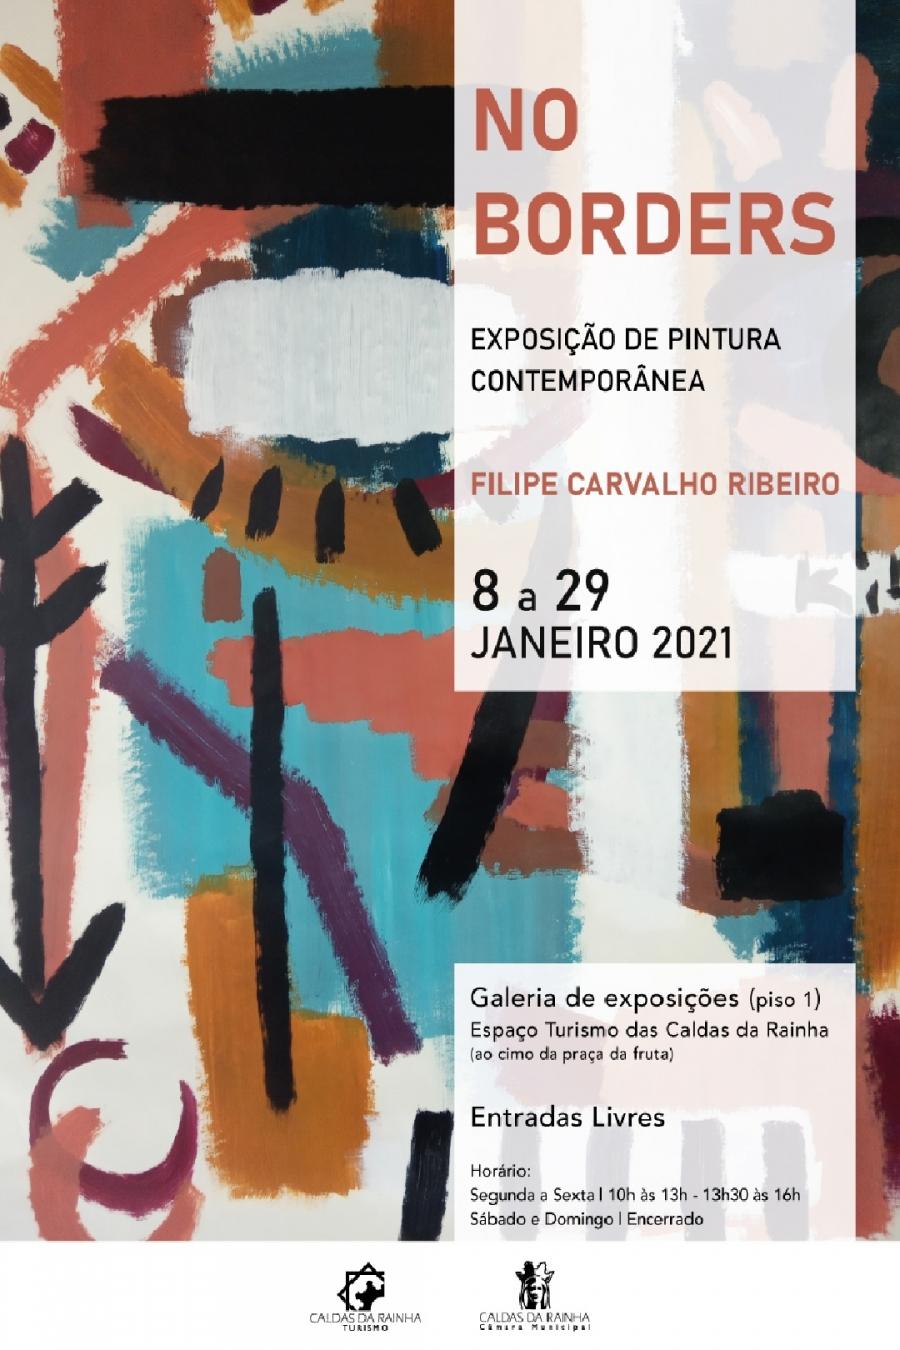 Exposição de pintura contemporânea 'NO BORDERS'